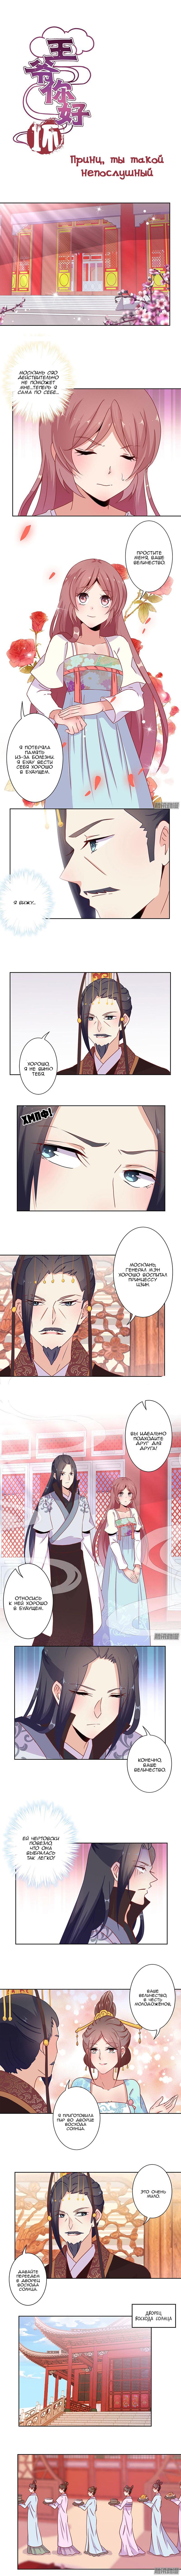 Принц, ты такой непослушный 1 - 18